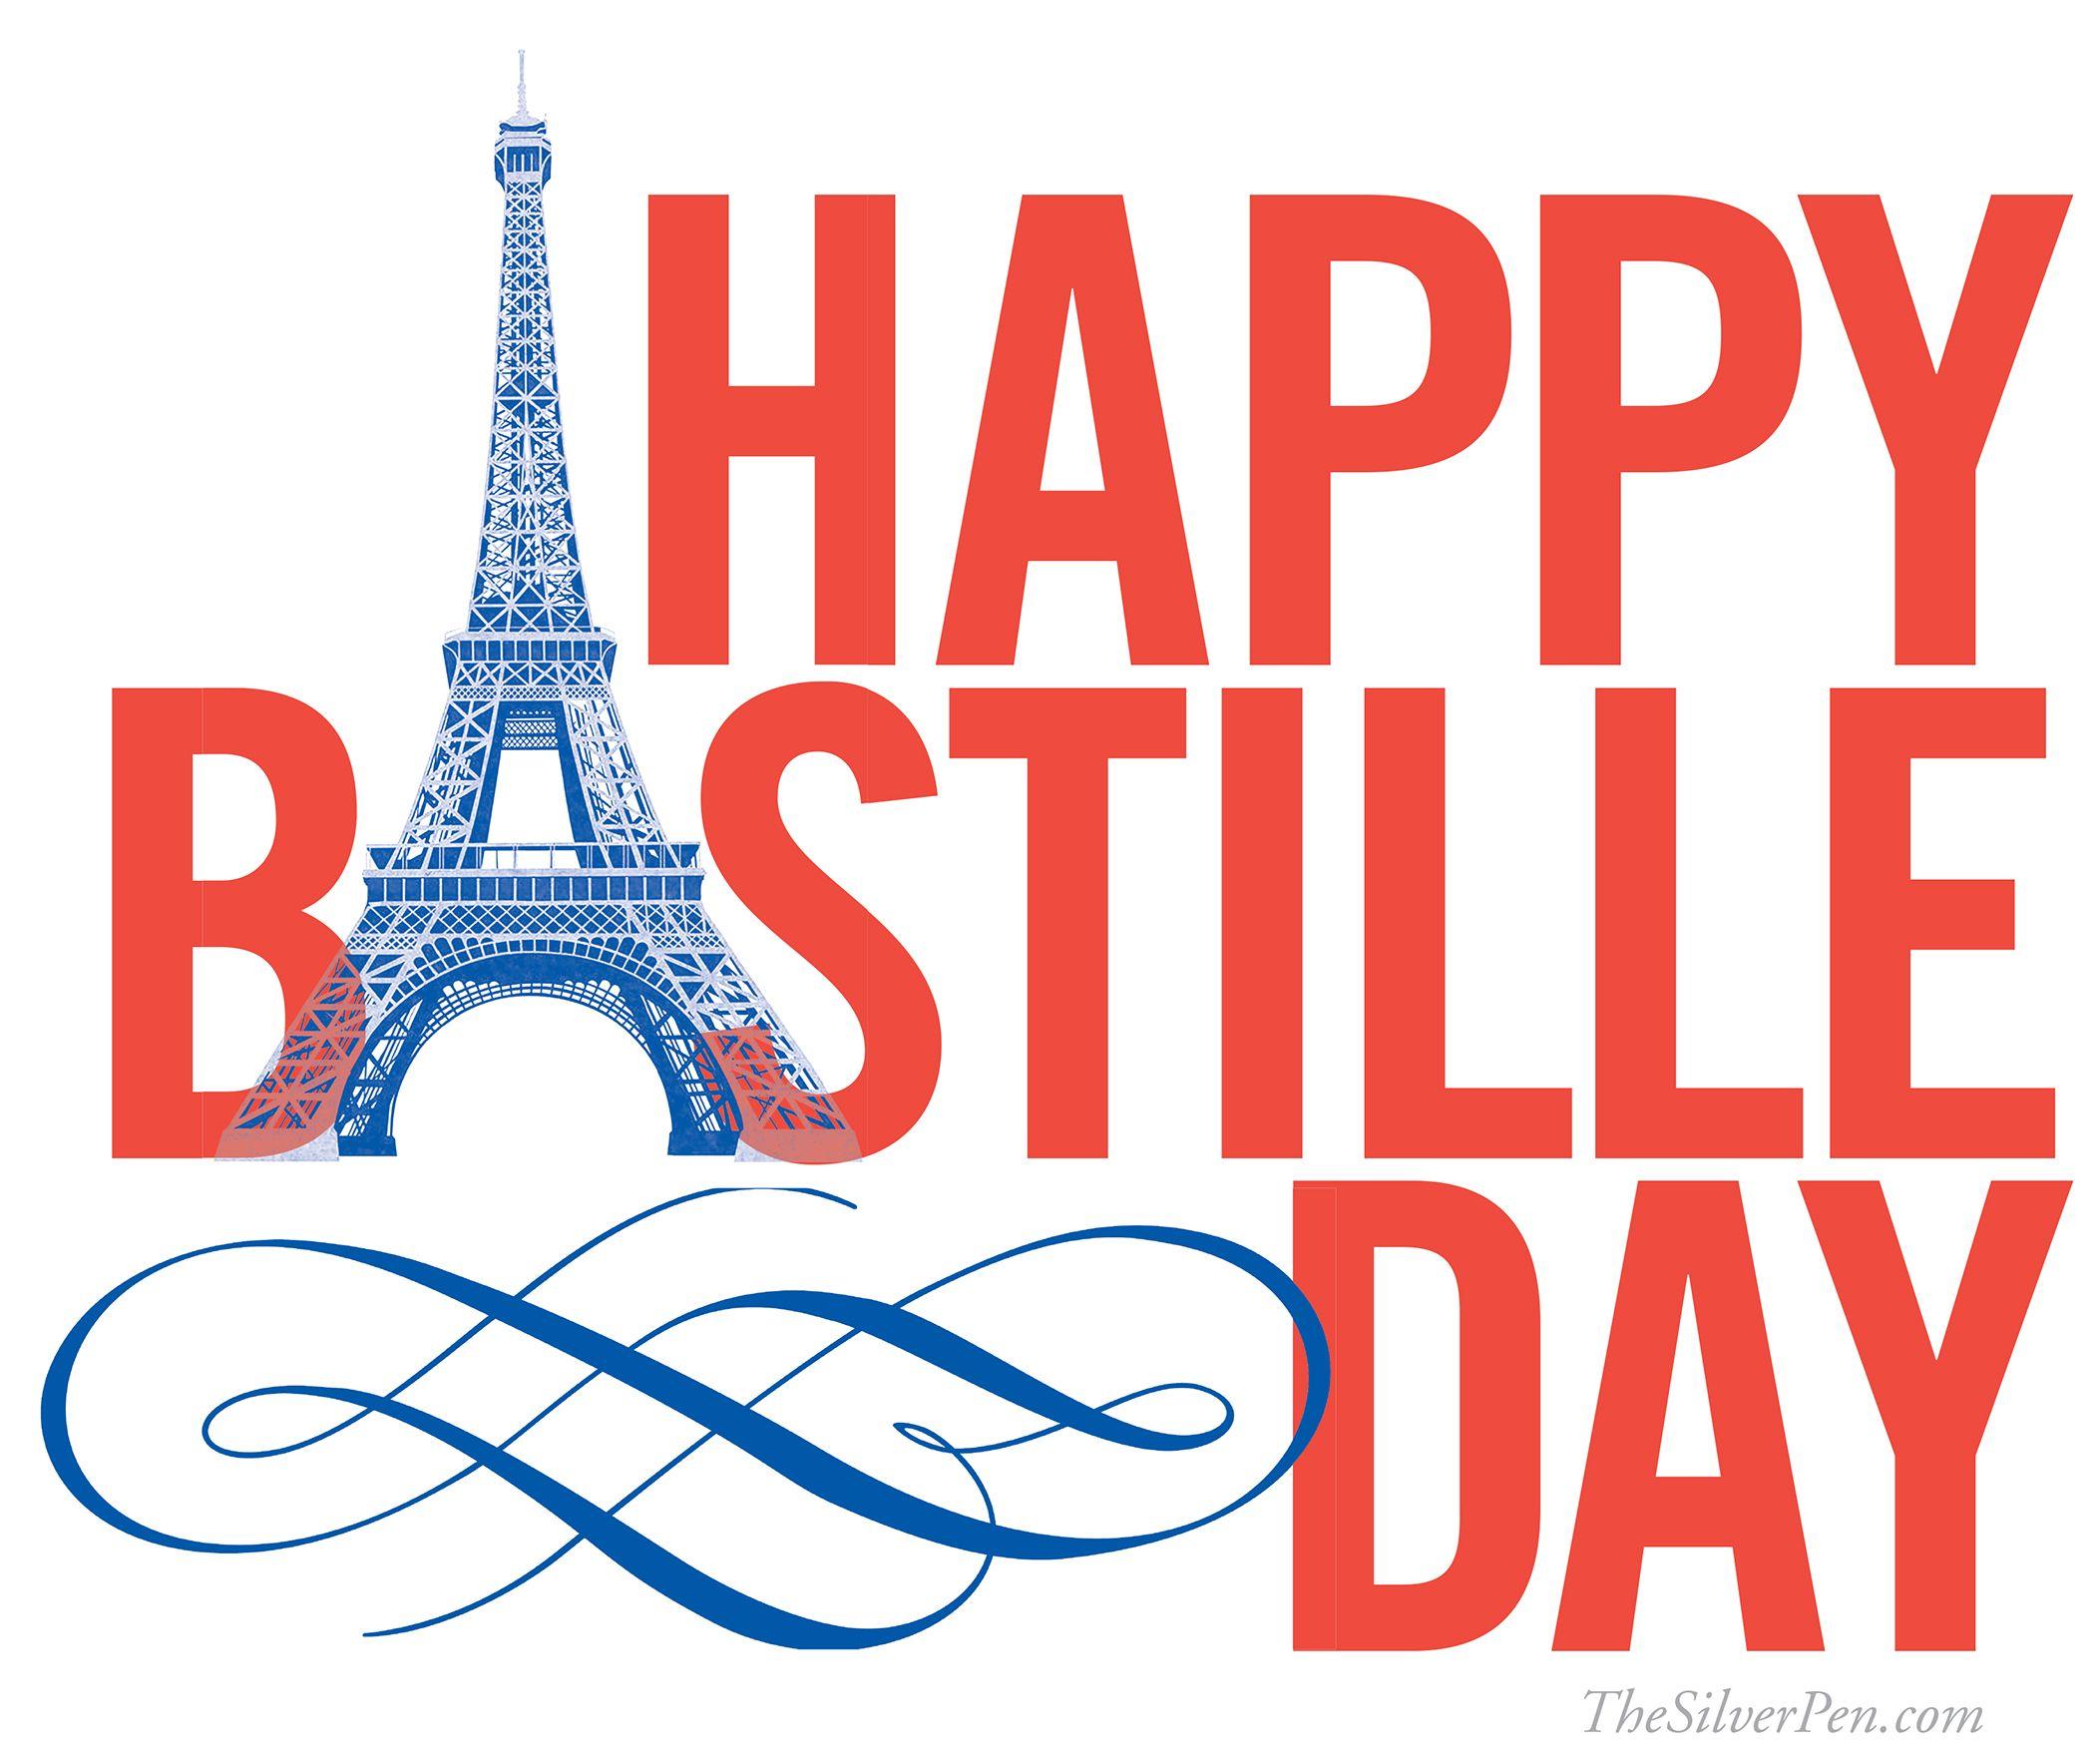 Bastille day images happy bastille day parlez vous bastille day images happy bastille day m4hsunfo